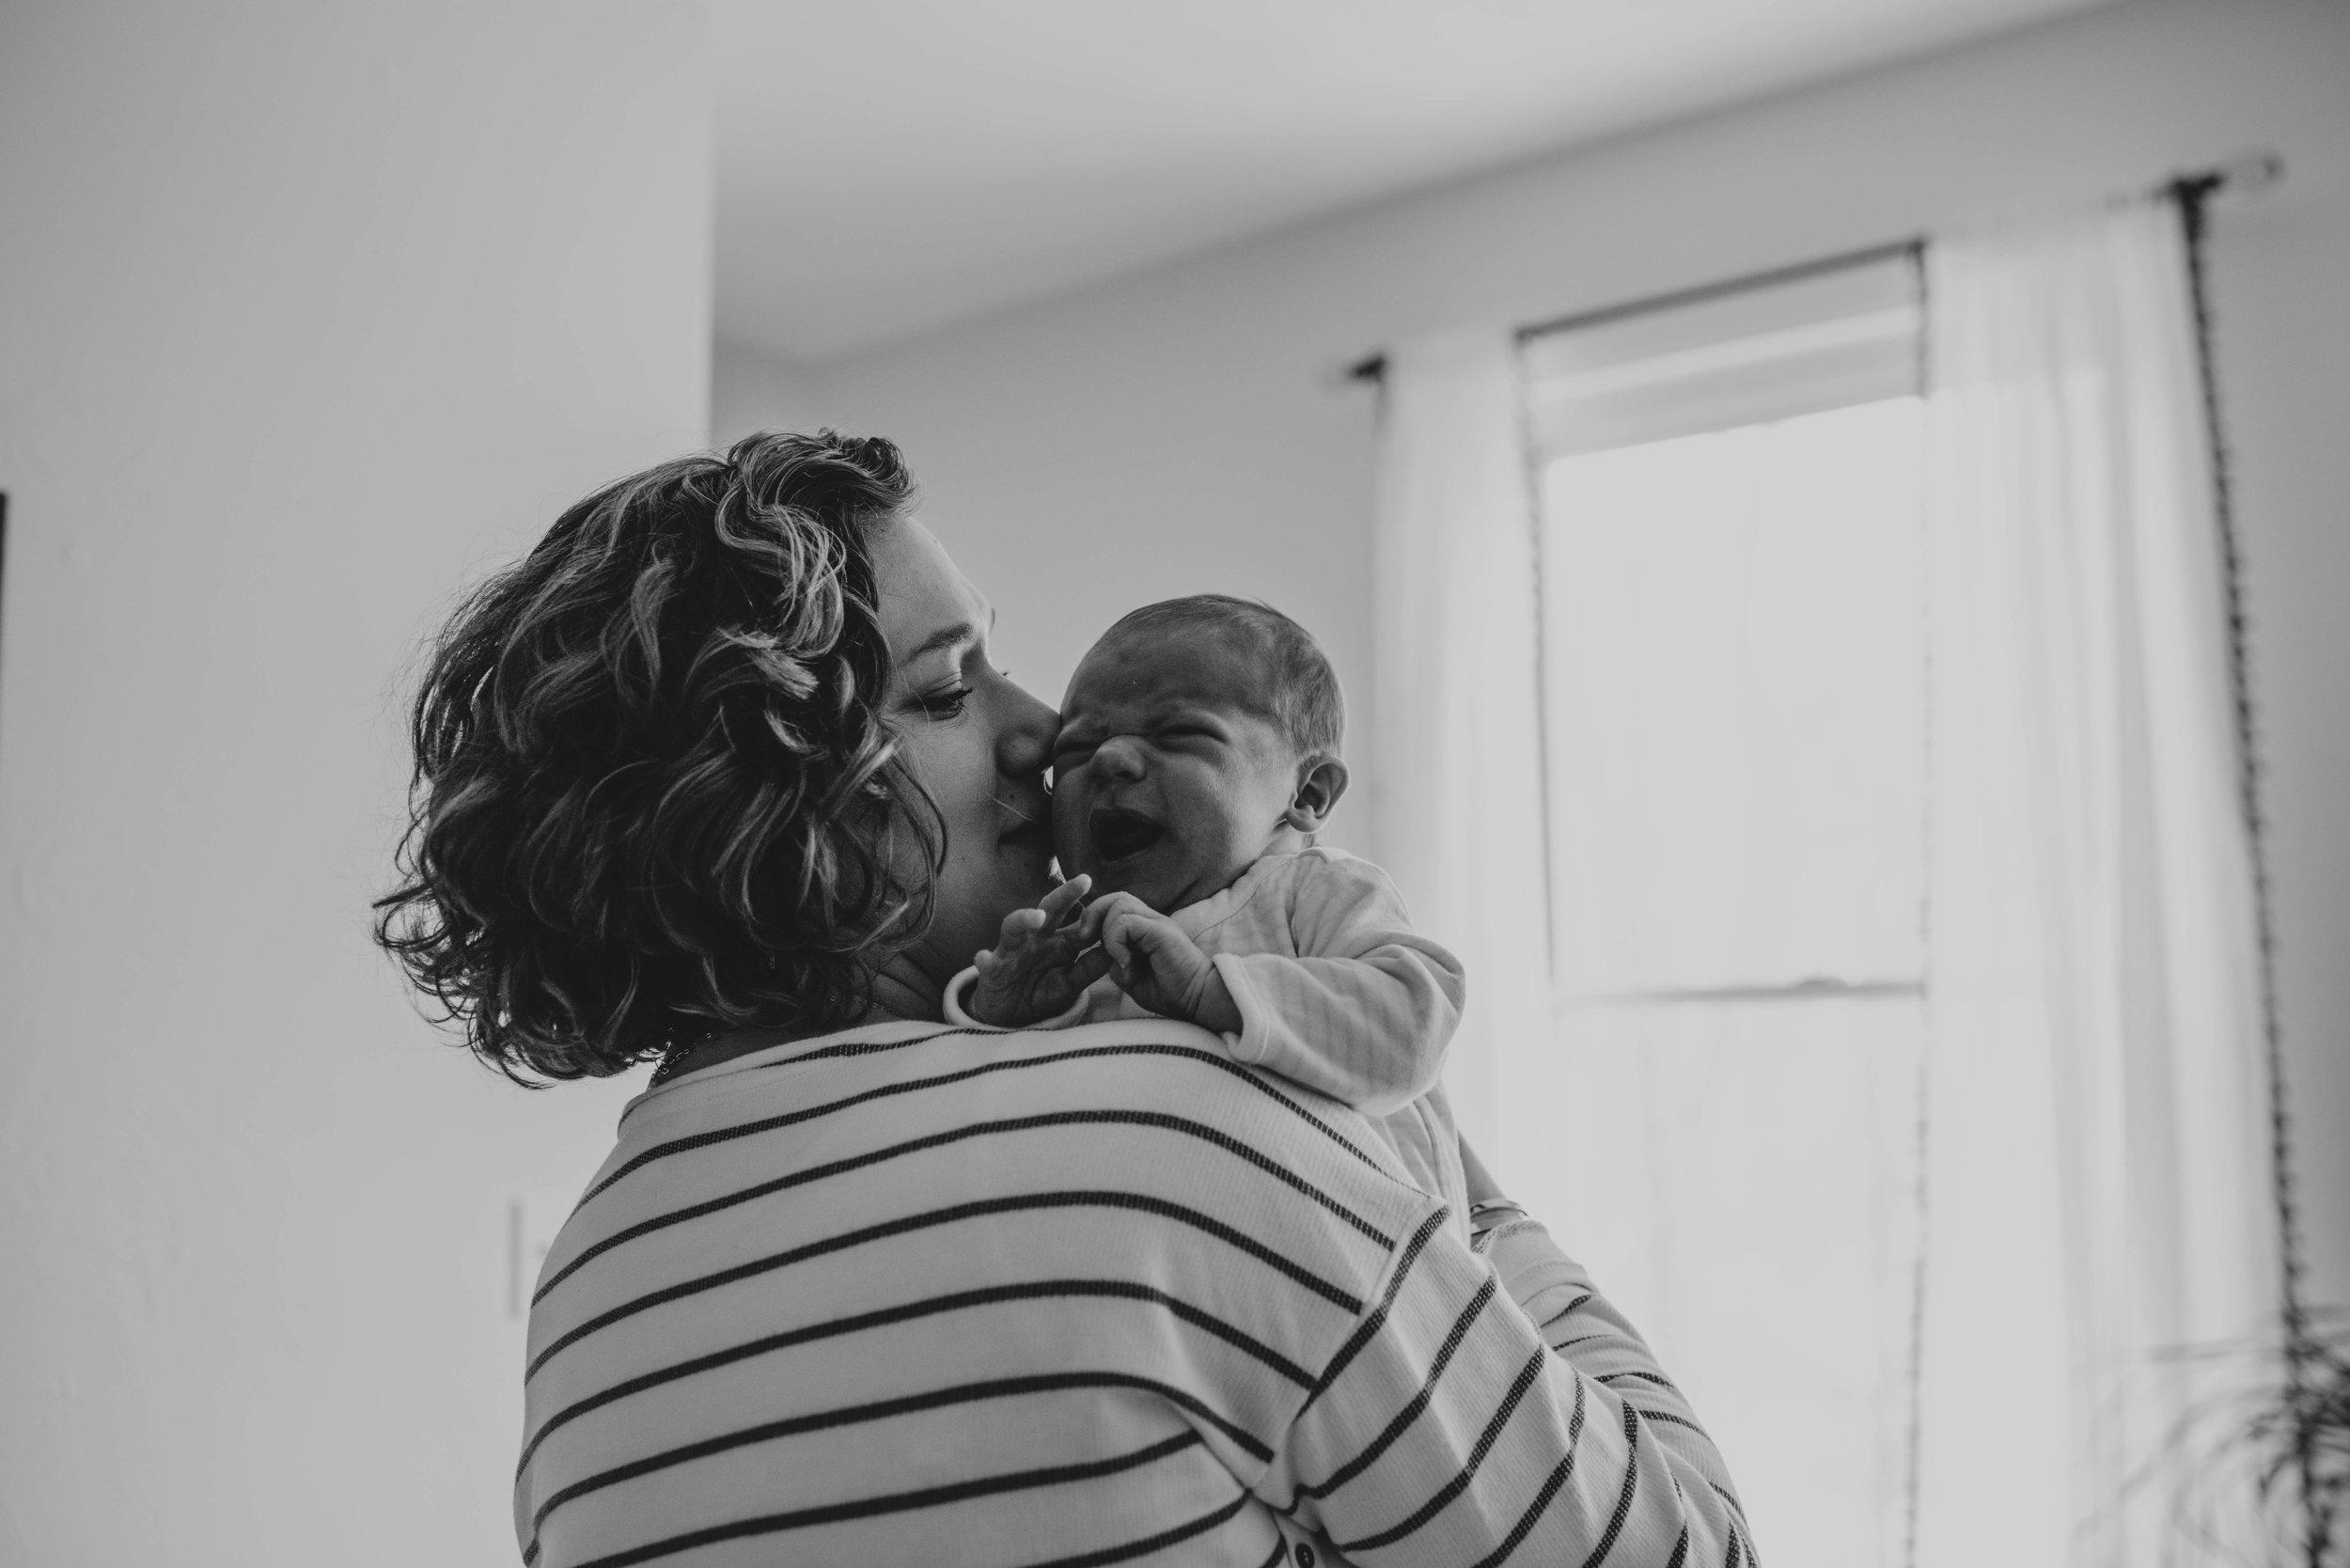 Kristy_Lumsden_Photography_Oscar_Newborn_Lifestyle20170127_0162.jpg